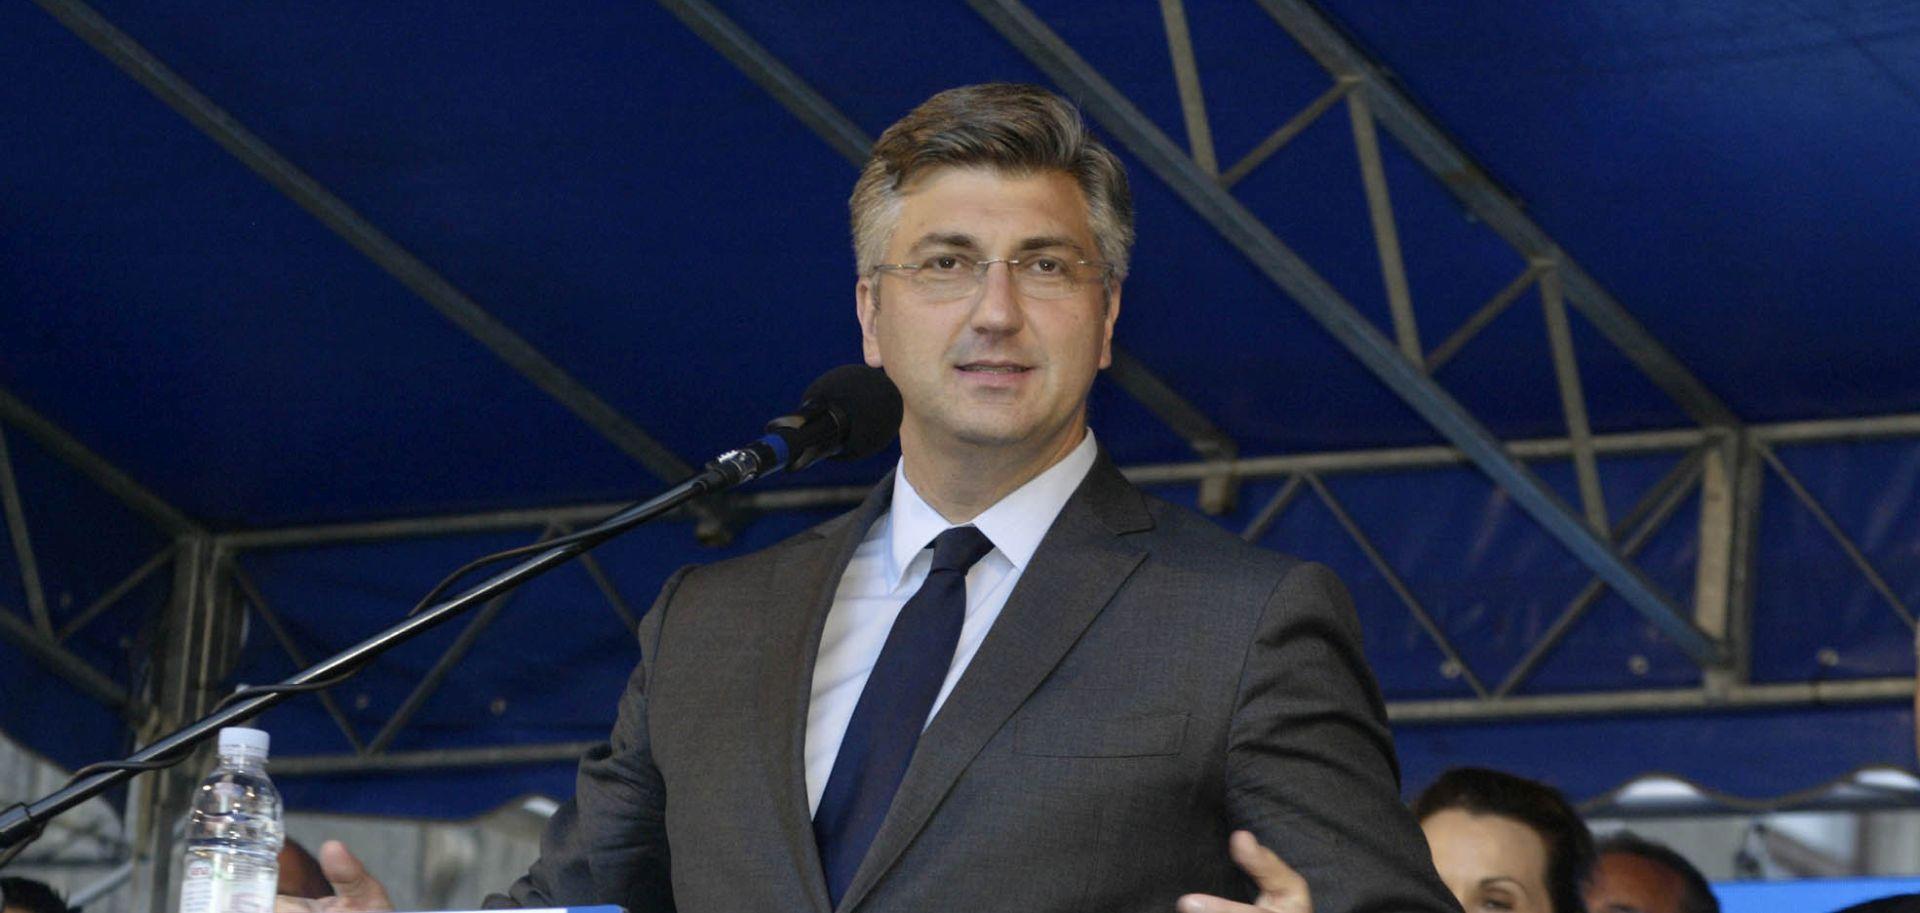 PLENKOVIĆ 'Žao mi je da građani Zagreba nisu dali veću podršku Prgometu'